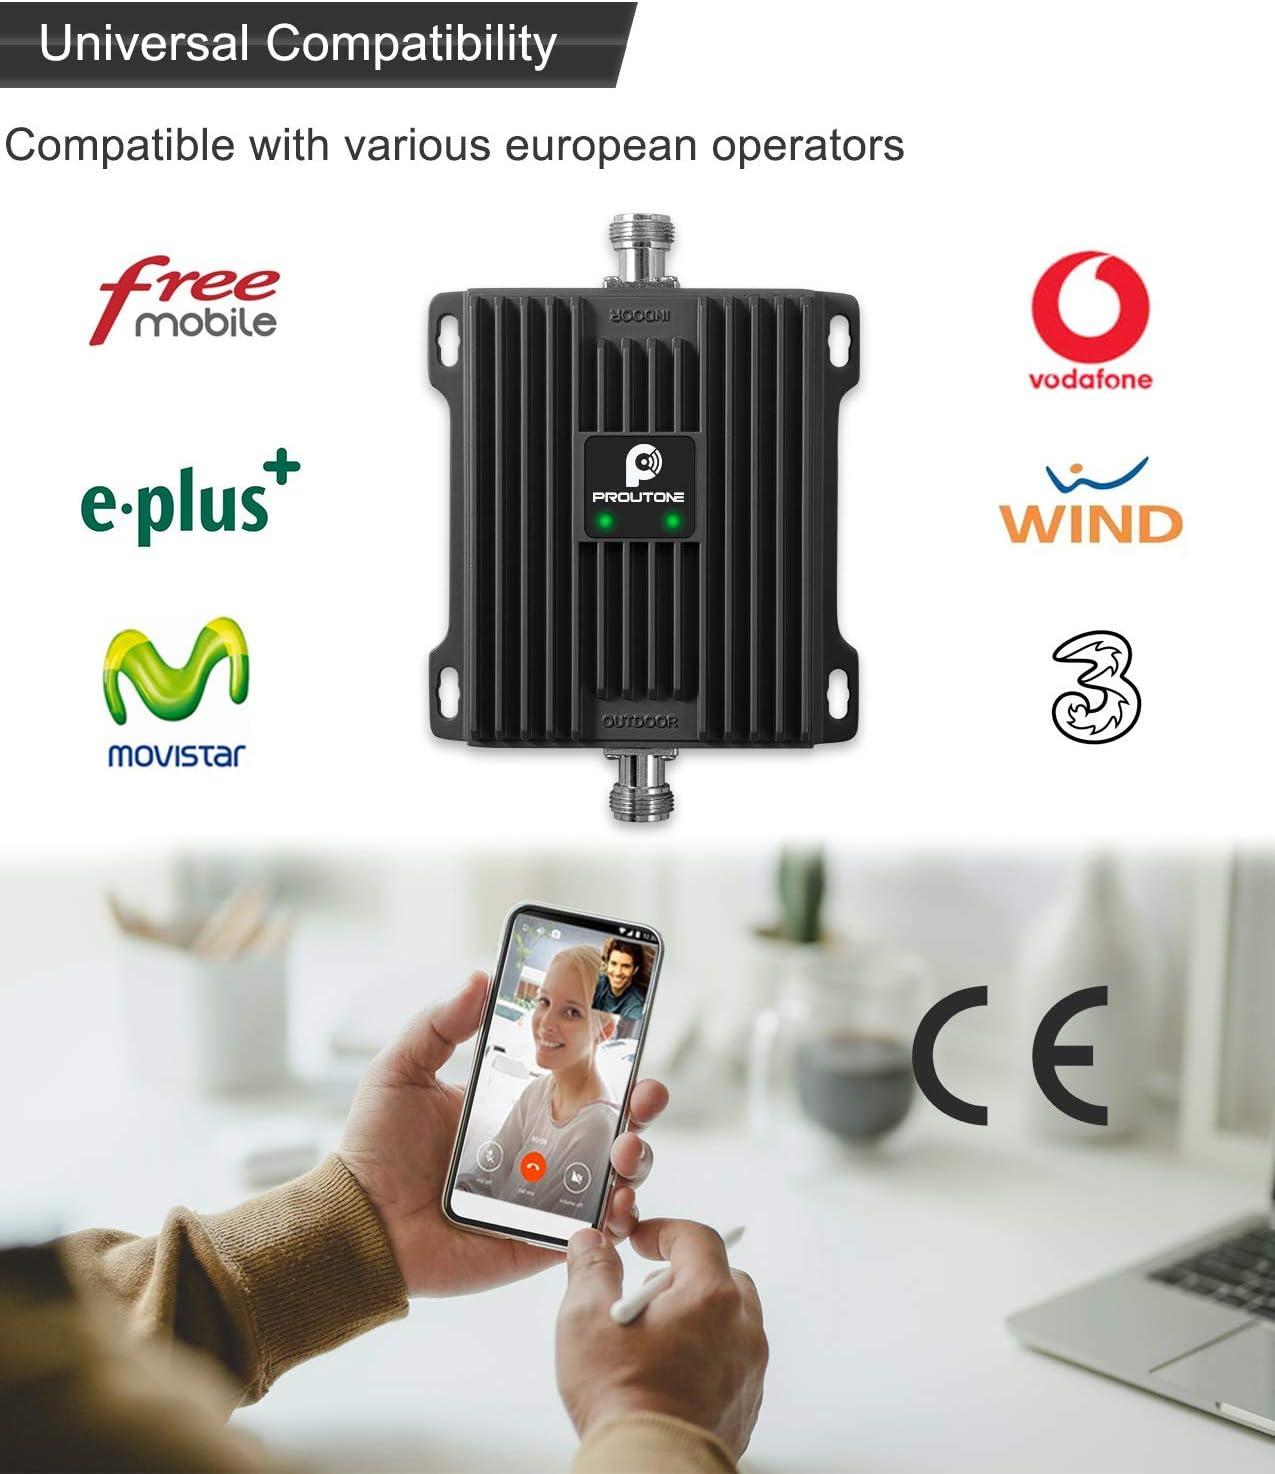 Proutone Amplificador de Señal Móvil LTE 4G 3G Datos gsm 2G Llamadas para Casa Rural Oficina Banda 20 Banda 8 Movistar Orange Vodafone Yoigo ...